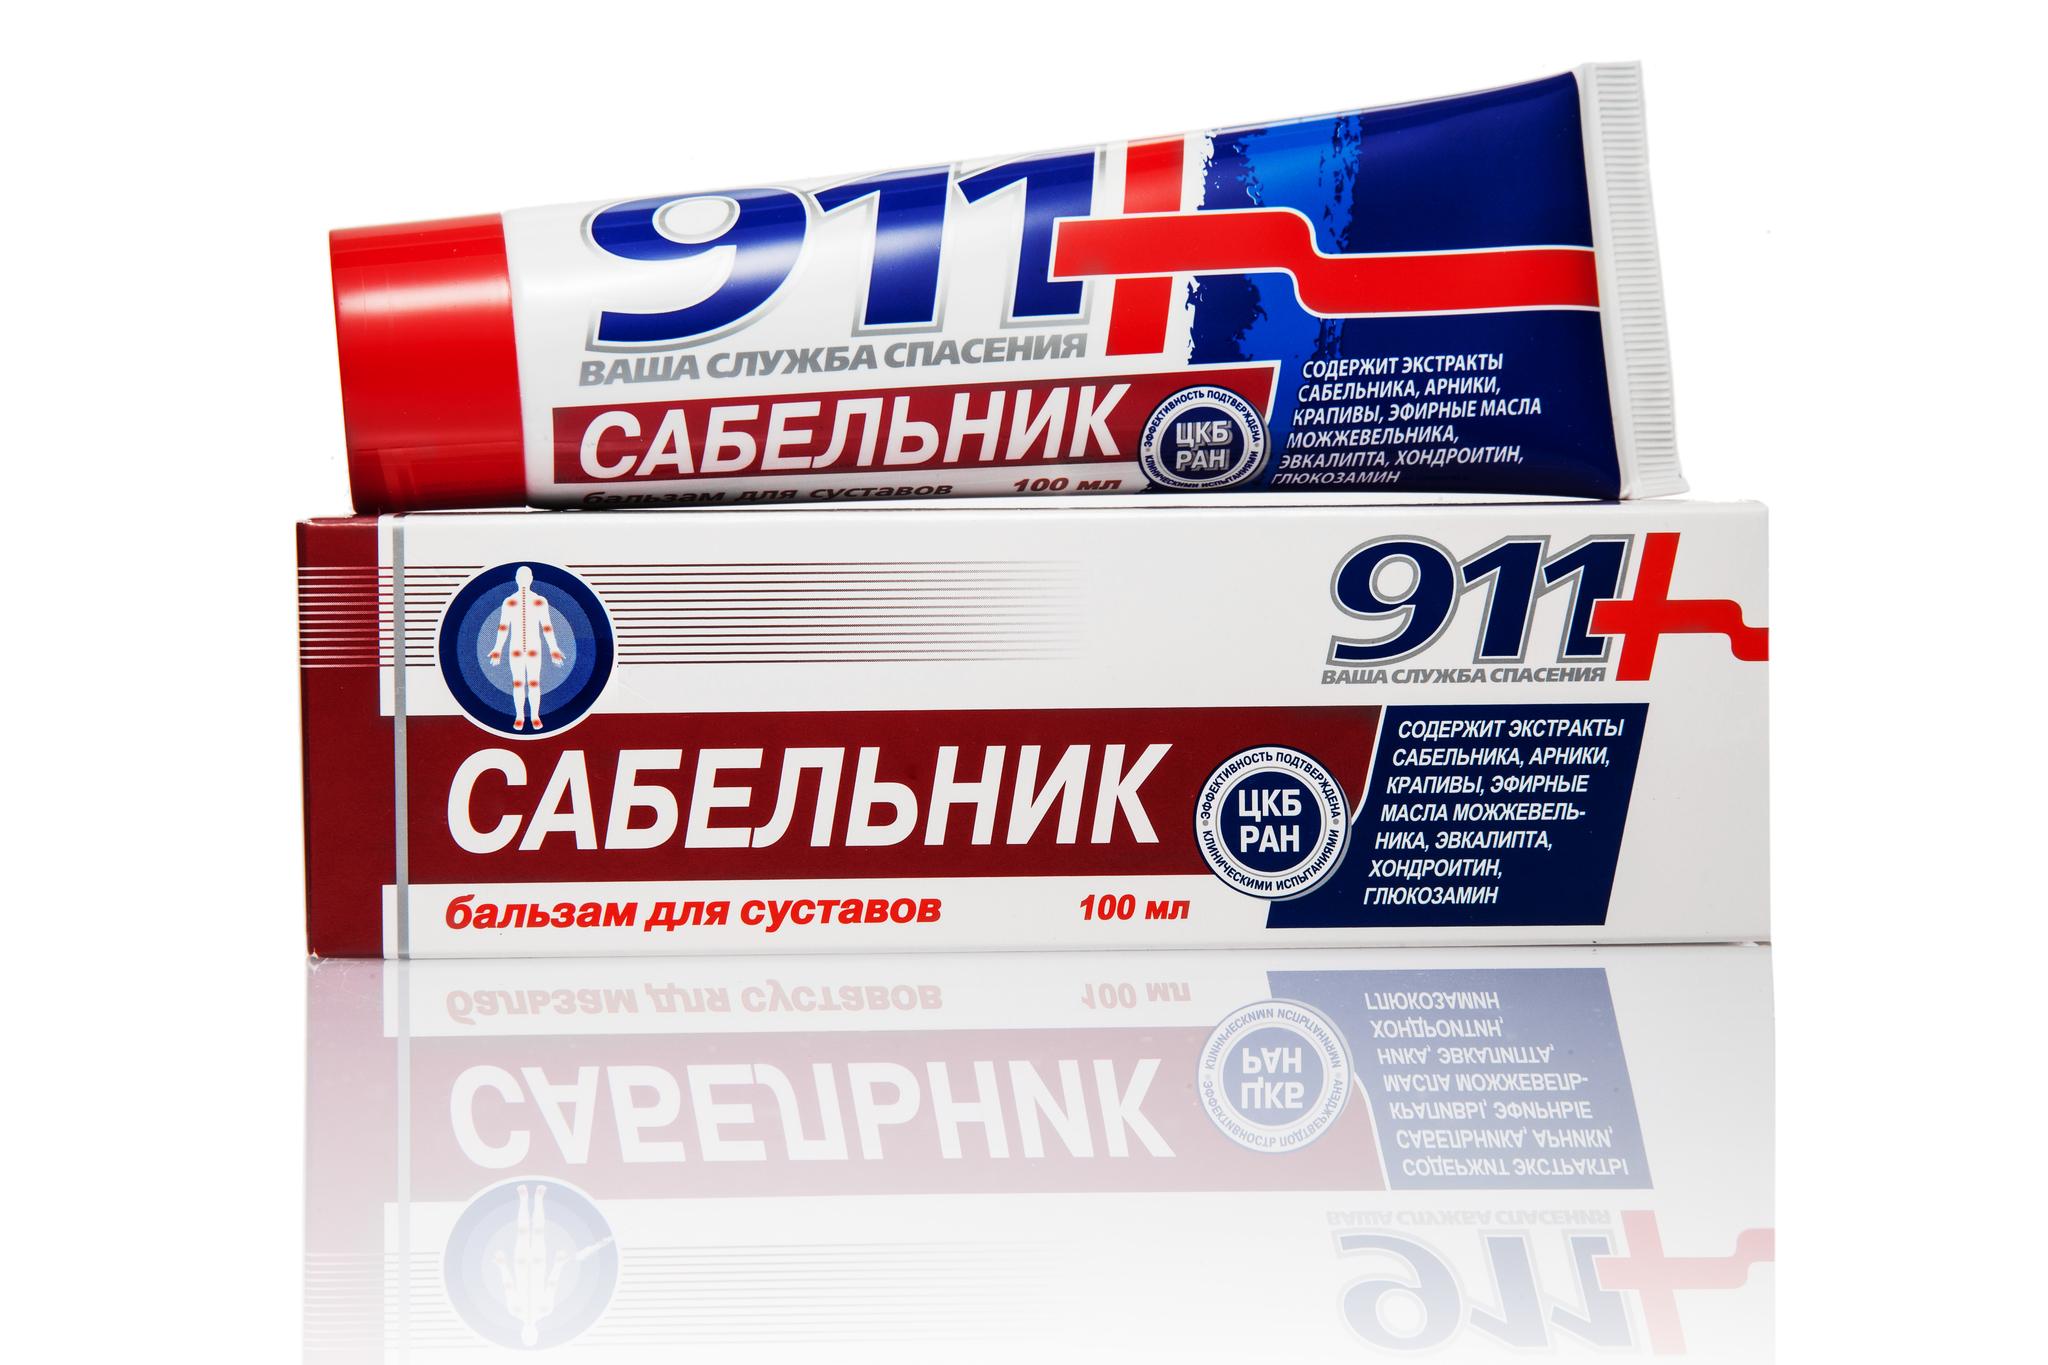 Cабельник: гель-бальзам (крем 911) для суставов - инструкция